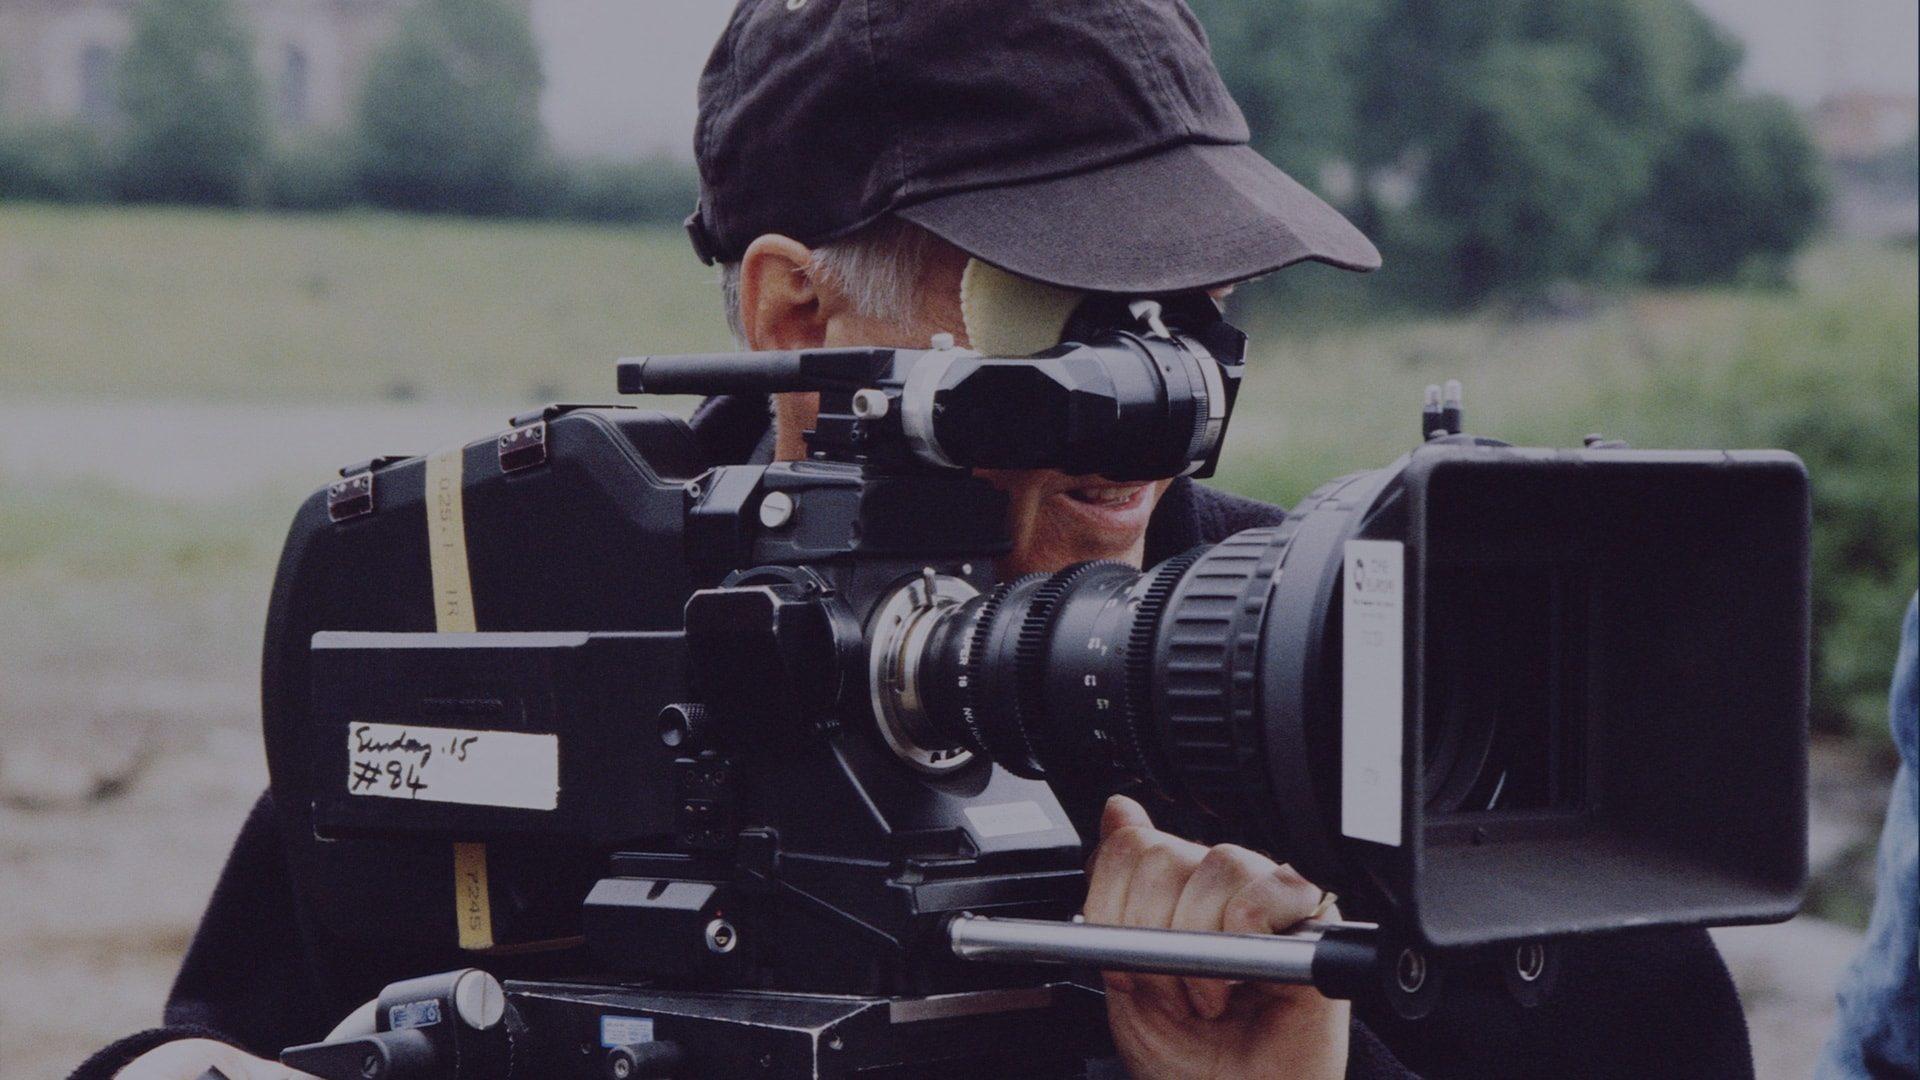 Hiring A Cameraman